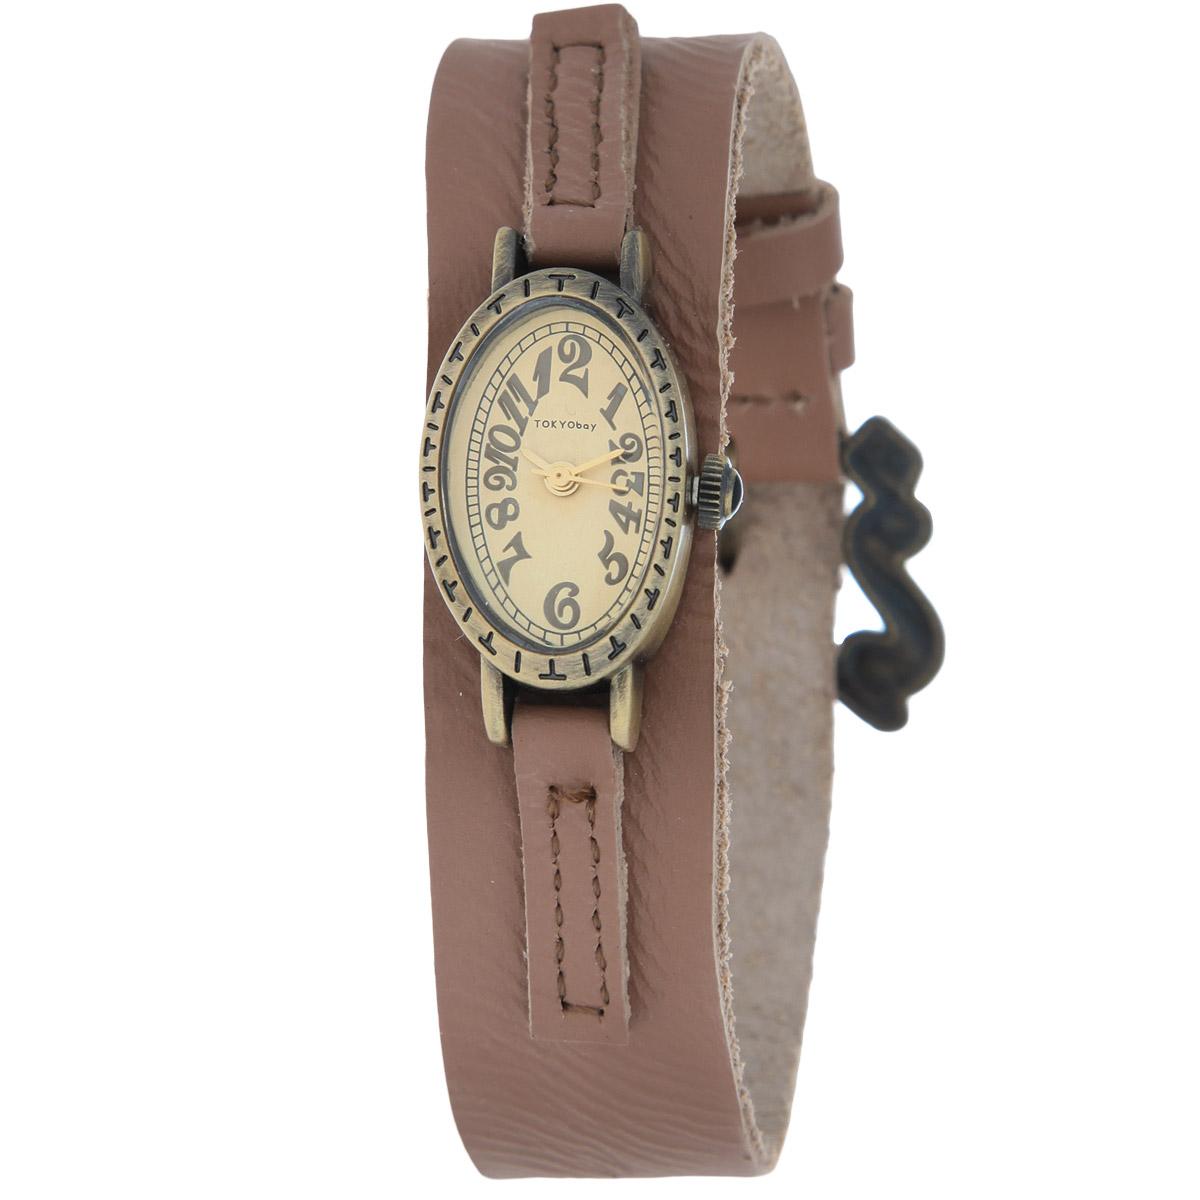 Часы женские наручные Tokyobay Tempo, цвет: коричневый. T881-BRT881-BRНаручные часы Tokyobay - это стильное дополнение к вашему неповторимому образу. Эти часы созданы для современных женщин, ценящих стиль, качество и практичность. Часы оснащены японским кварцевым механизмом Miyota. Задняя крышка изготовлена из нержавеющей стали. Корпус изготовлен из металла, украшен тиснением. Циферблат оформлен декоративными цифрами, имеются часовая, минутная и секундная стрелки. Ремешок выполнен из кожи и застегивается на классическую застежку-пряжку. Часы Tokyobay - это практичный и модный аксессуар, который подчеркнет ваш безупречный вкус. Характеристики: Корпус: 2,5 х 1,6 х 0,7 см. Размер ремешка: 19 х 1,8 см. Не содержит никель. Не водостойкие.